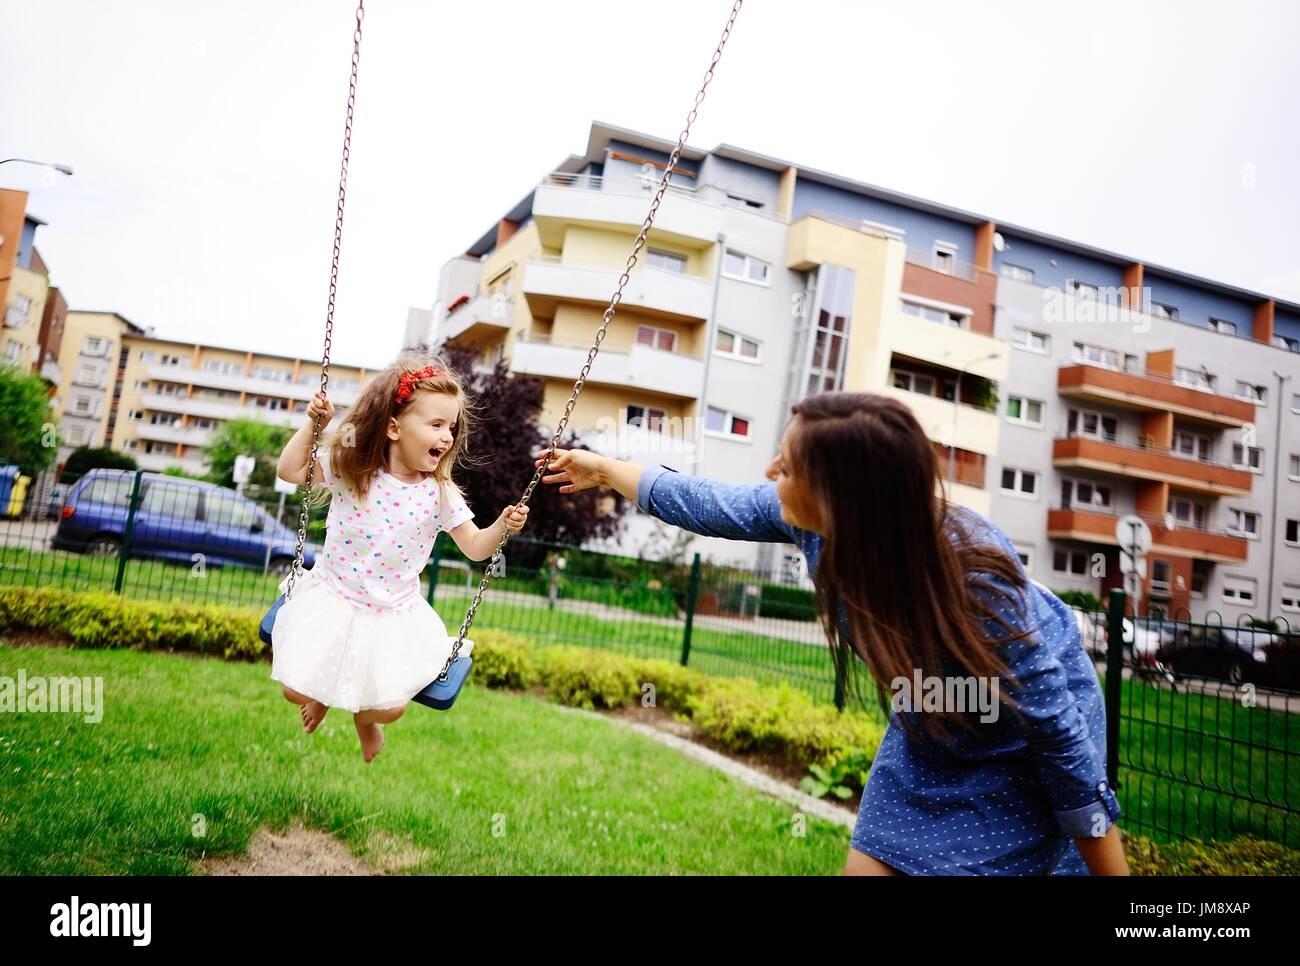 Giovane madre svolge nel parco giochi con la figlia piccola. La donna scuote il bambino su altalena. Serena giornata estiva. Buon umore. Immagini Stock